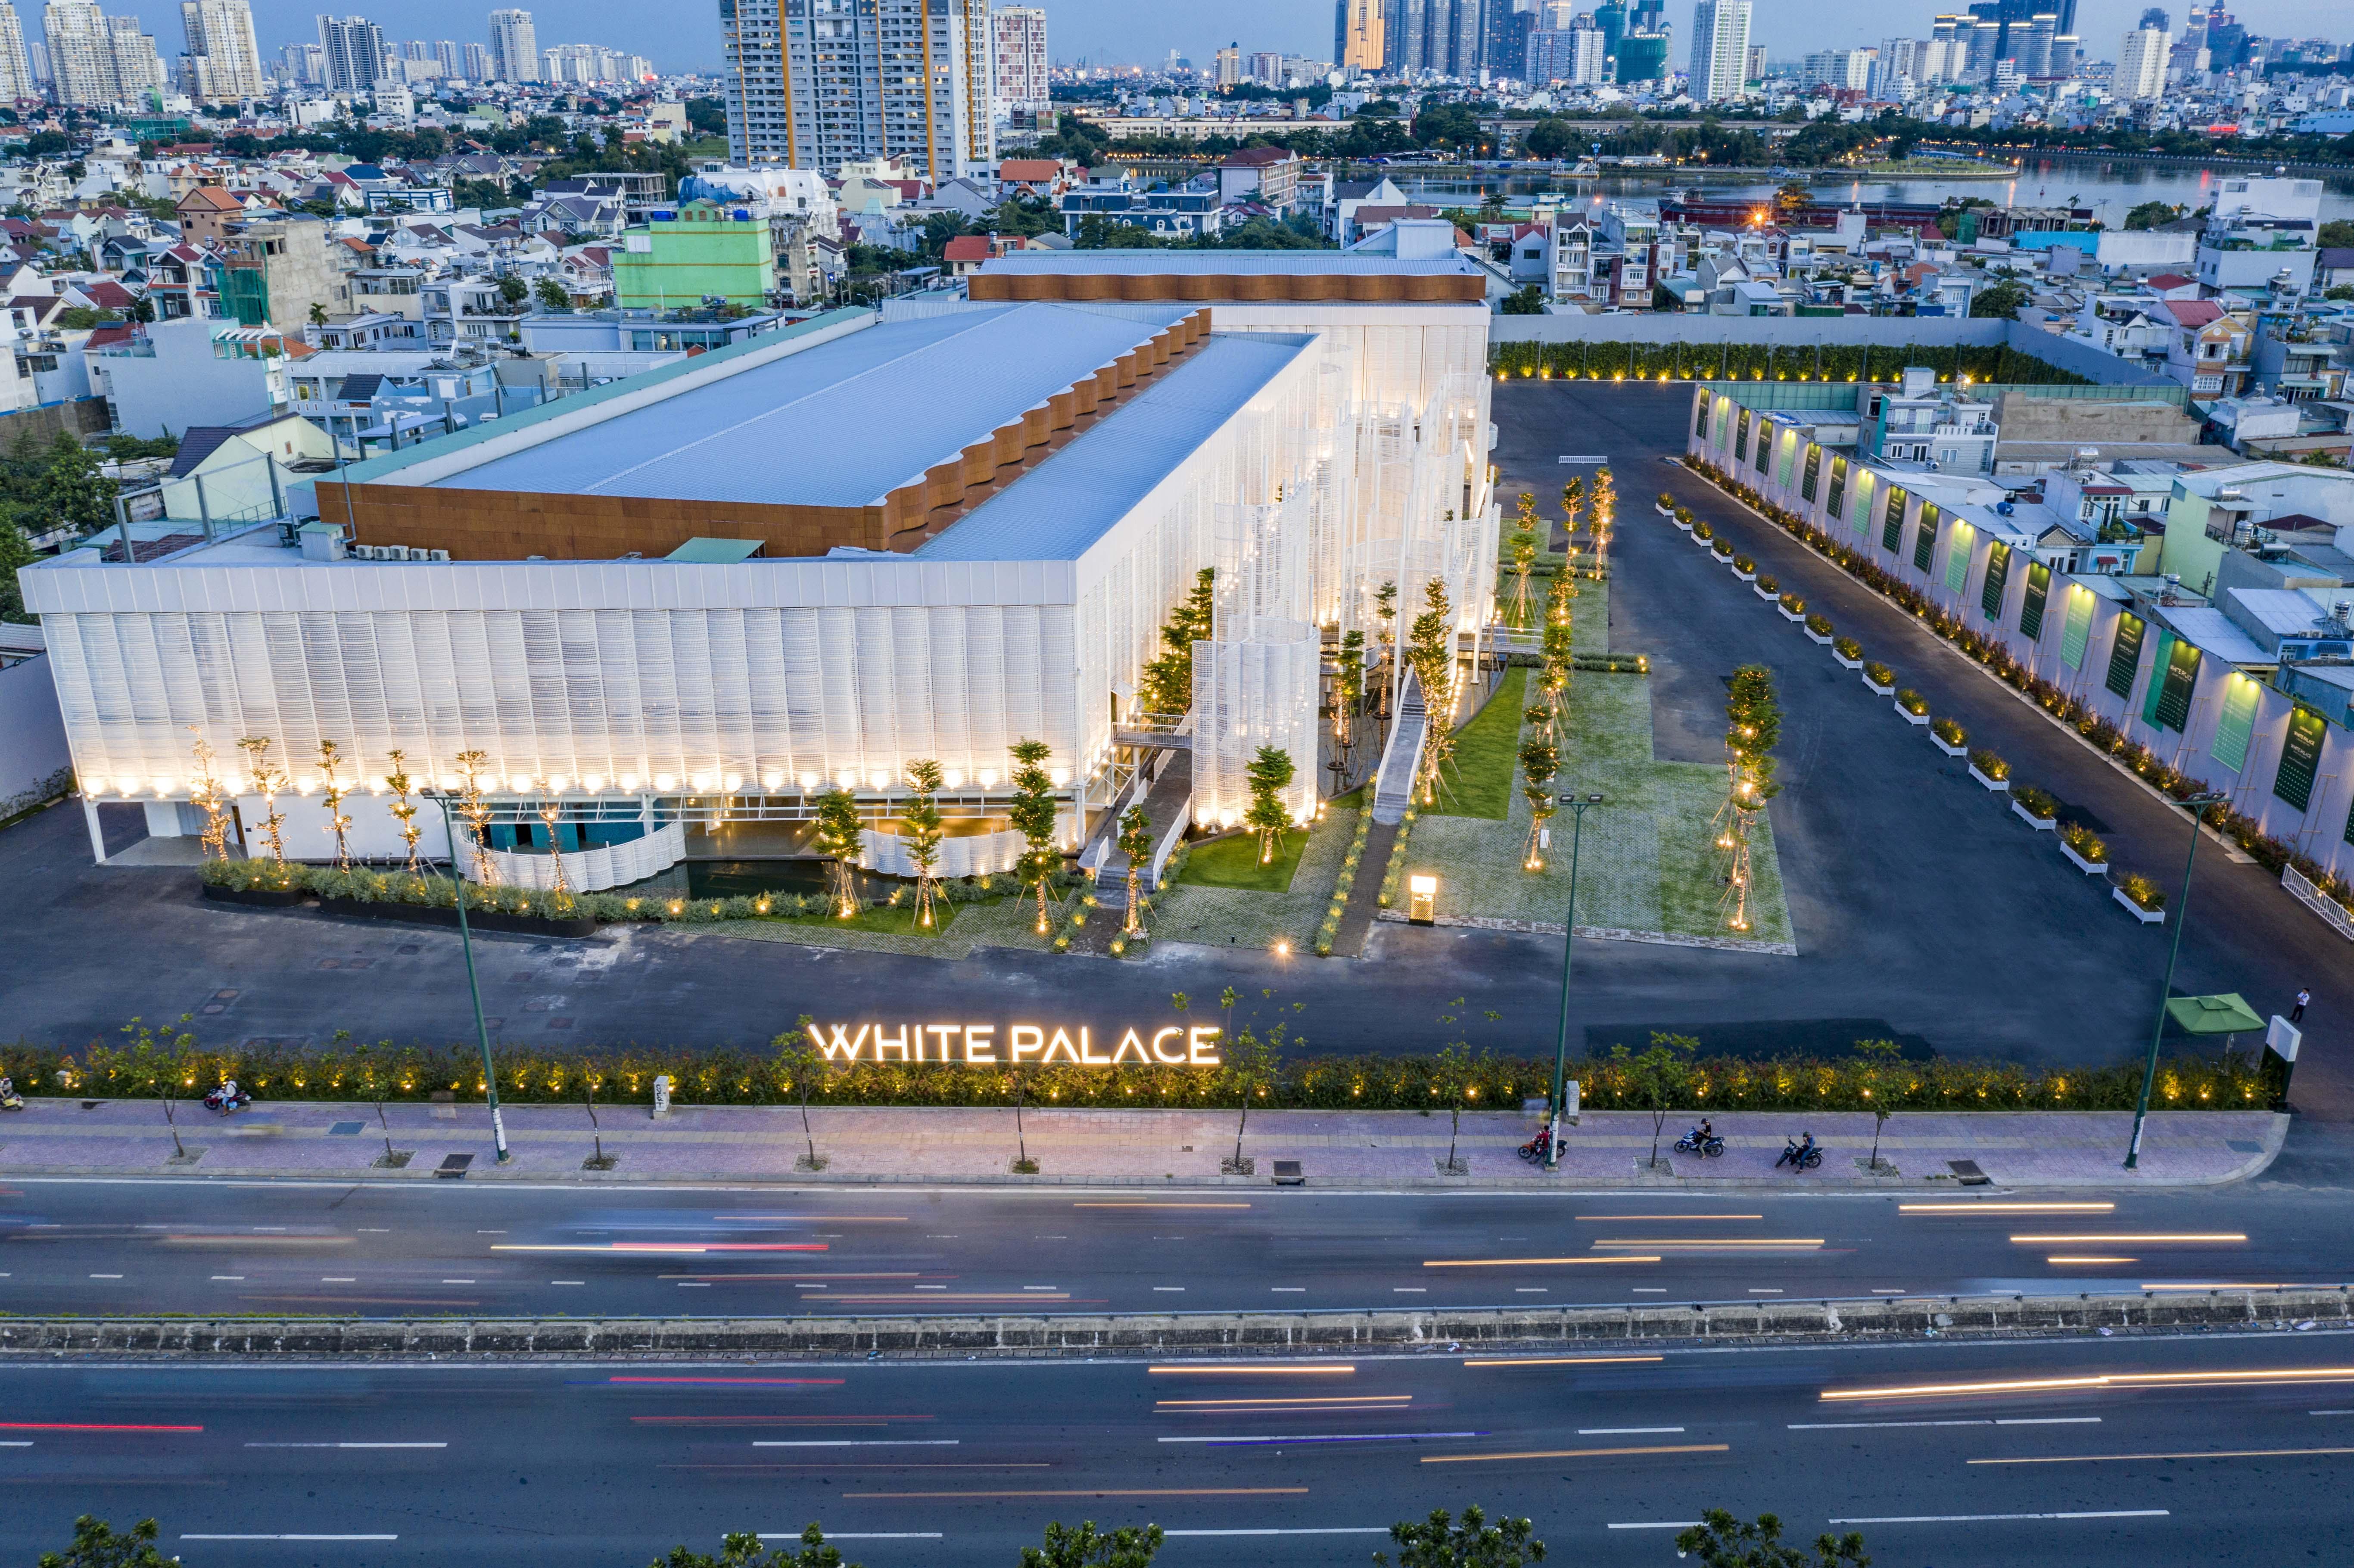 Trung tâm triển lãm White Palace